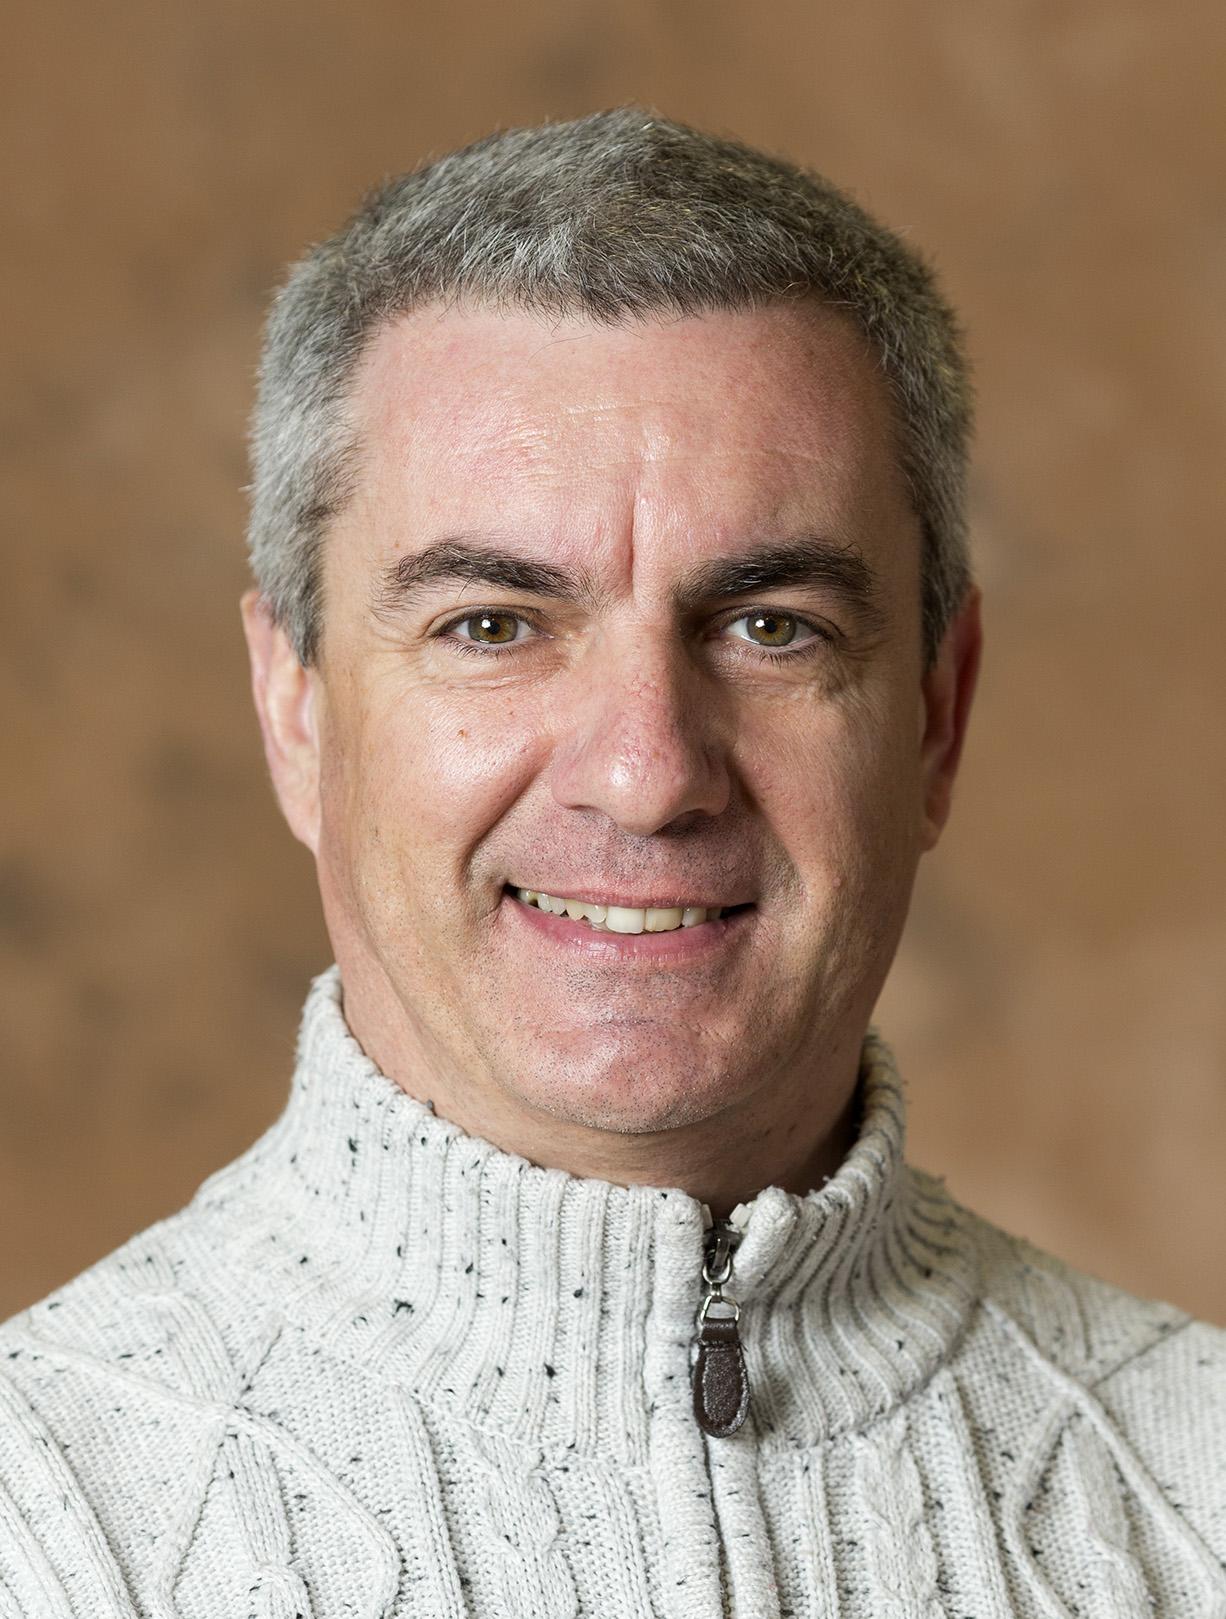 David BLAIN